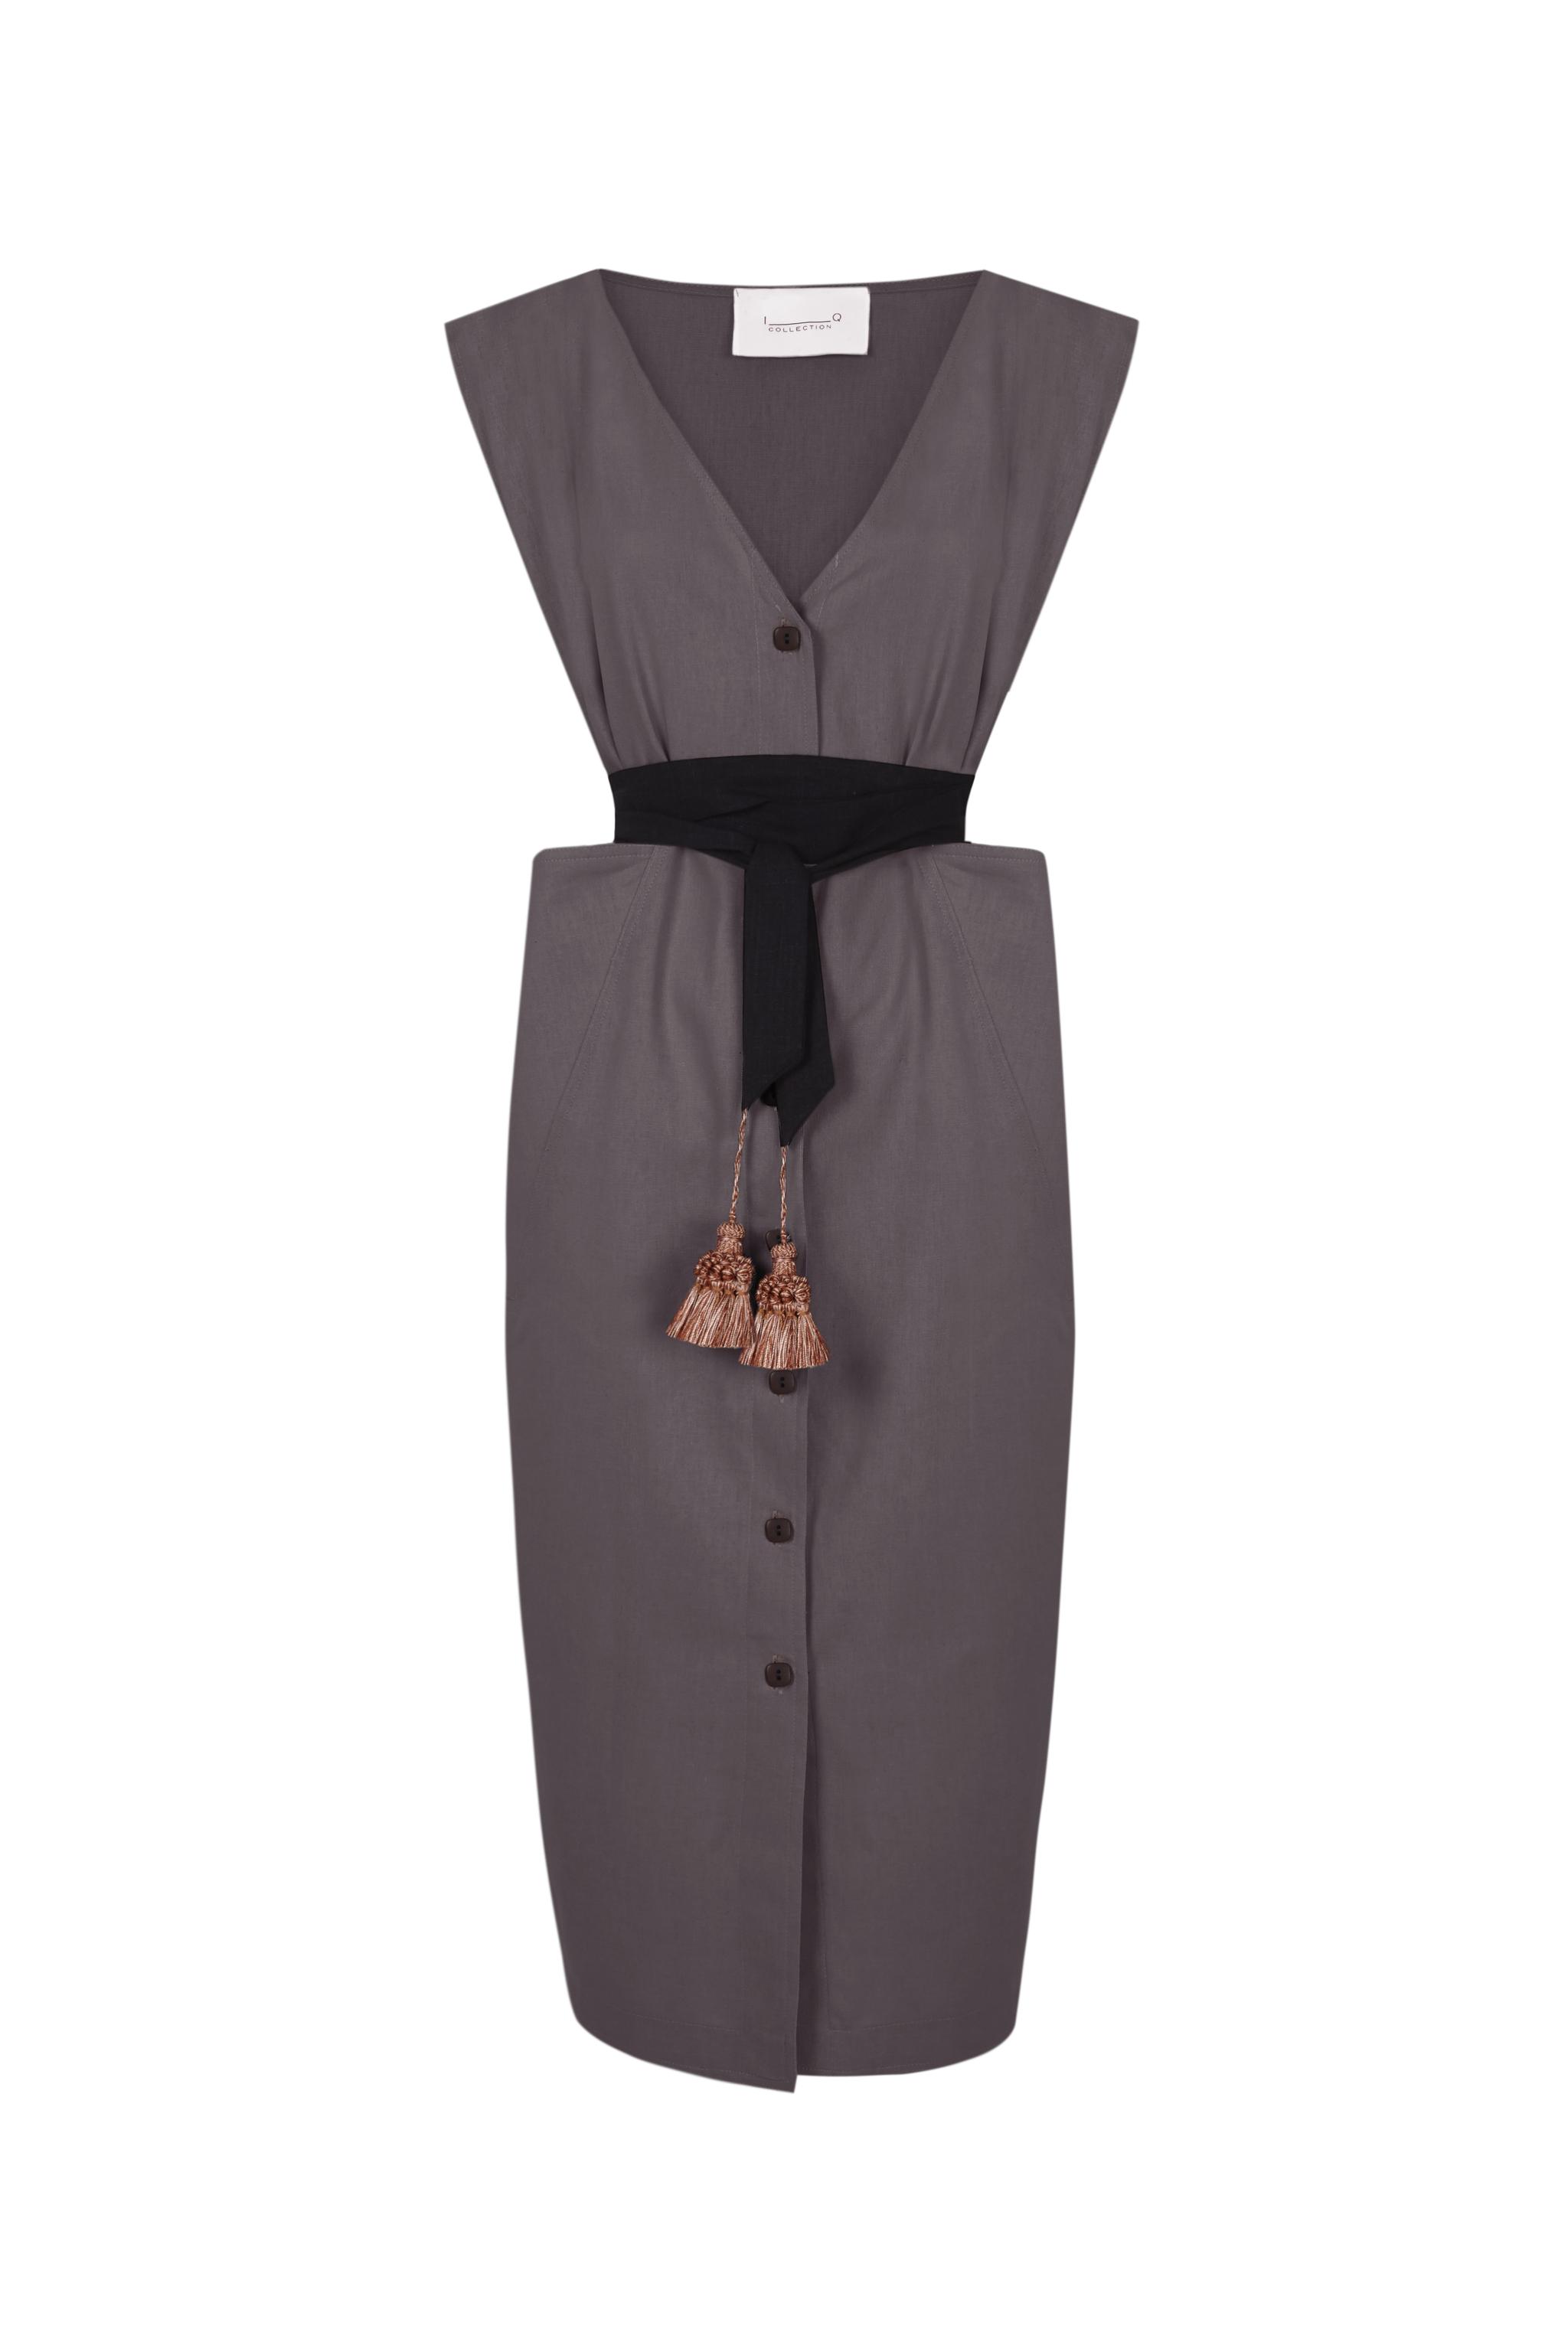 Vestido Leonor, de la colección primavera verano 2021 de Inés Domecq.